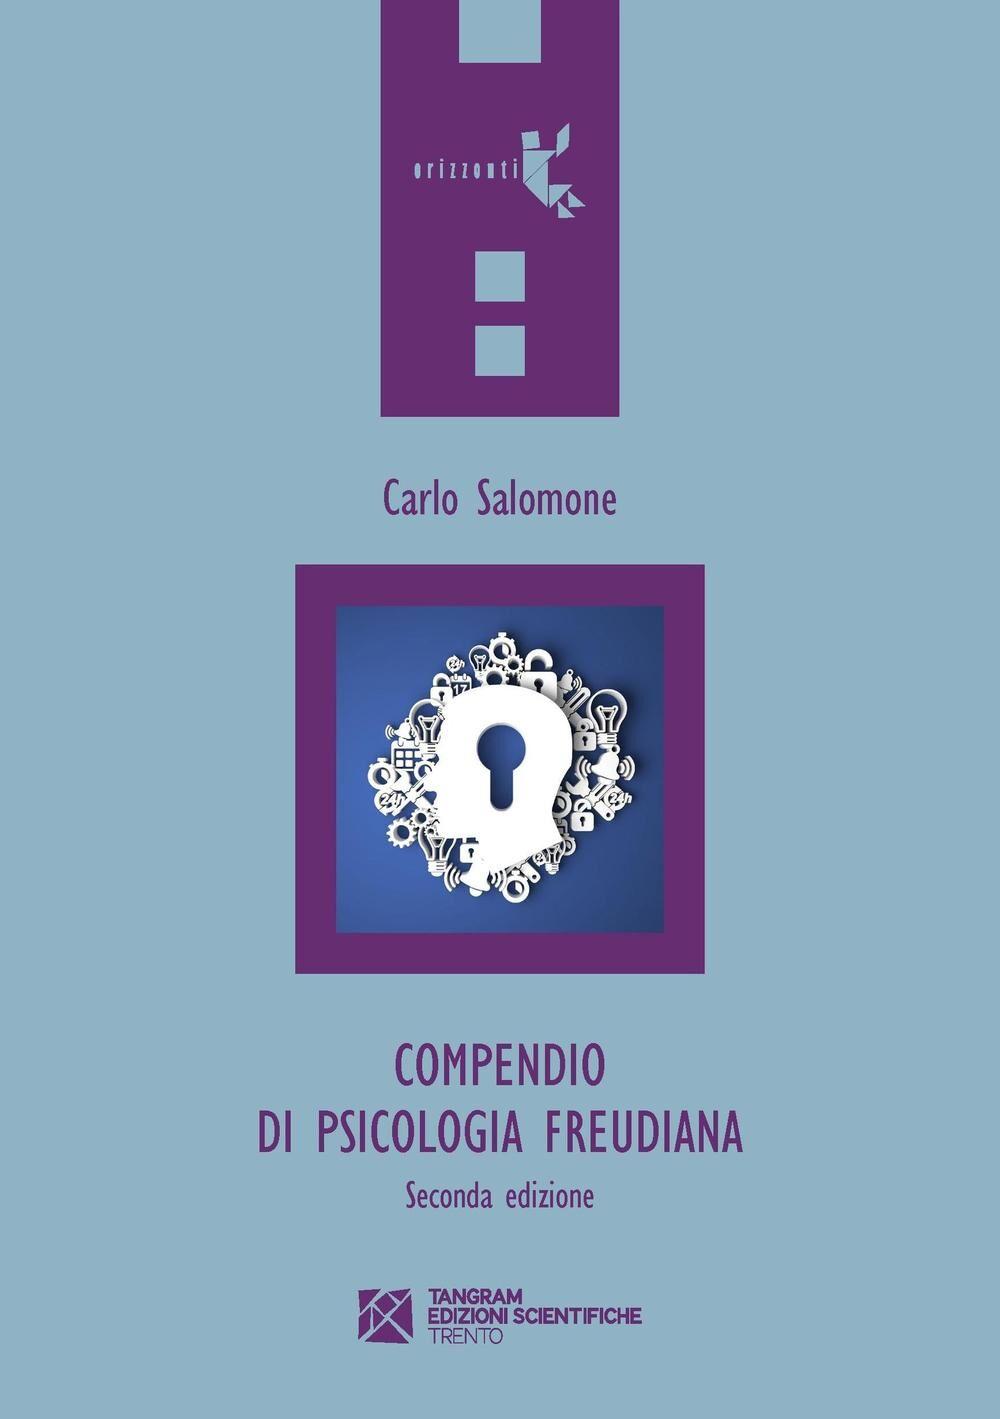 Compendio di psicologia freudiana